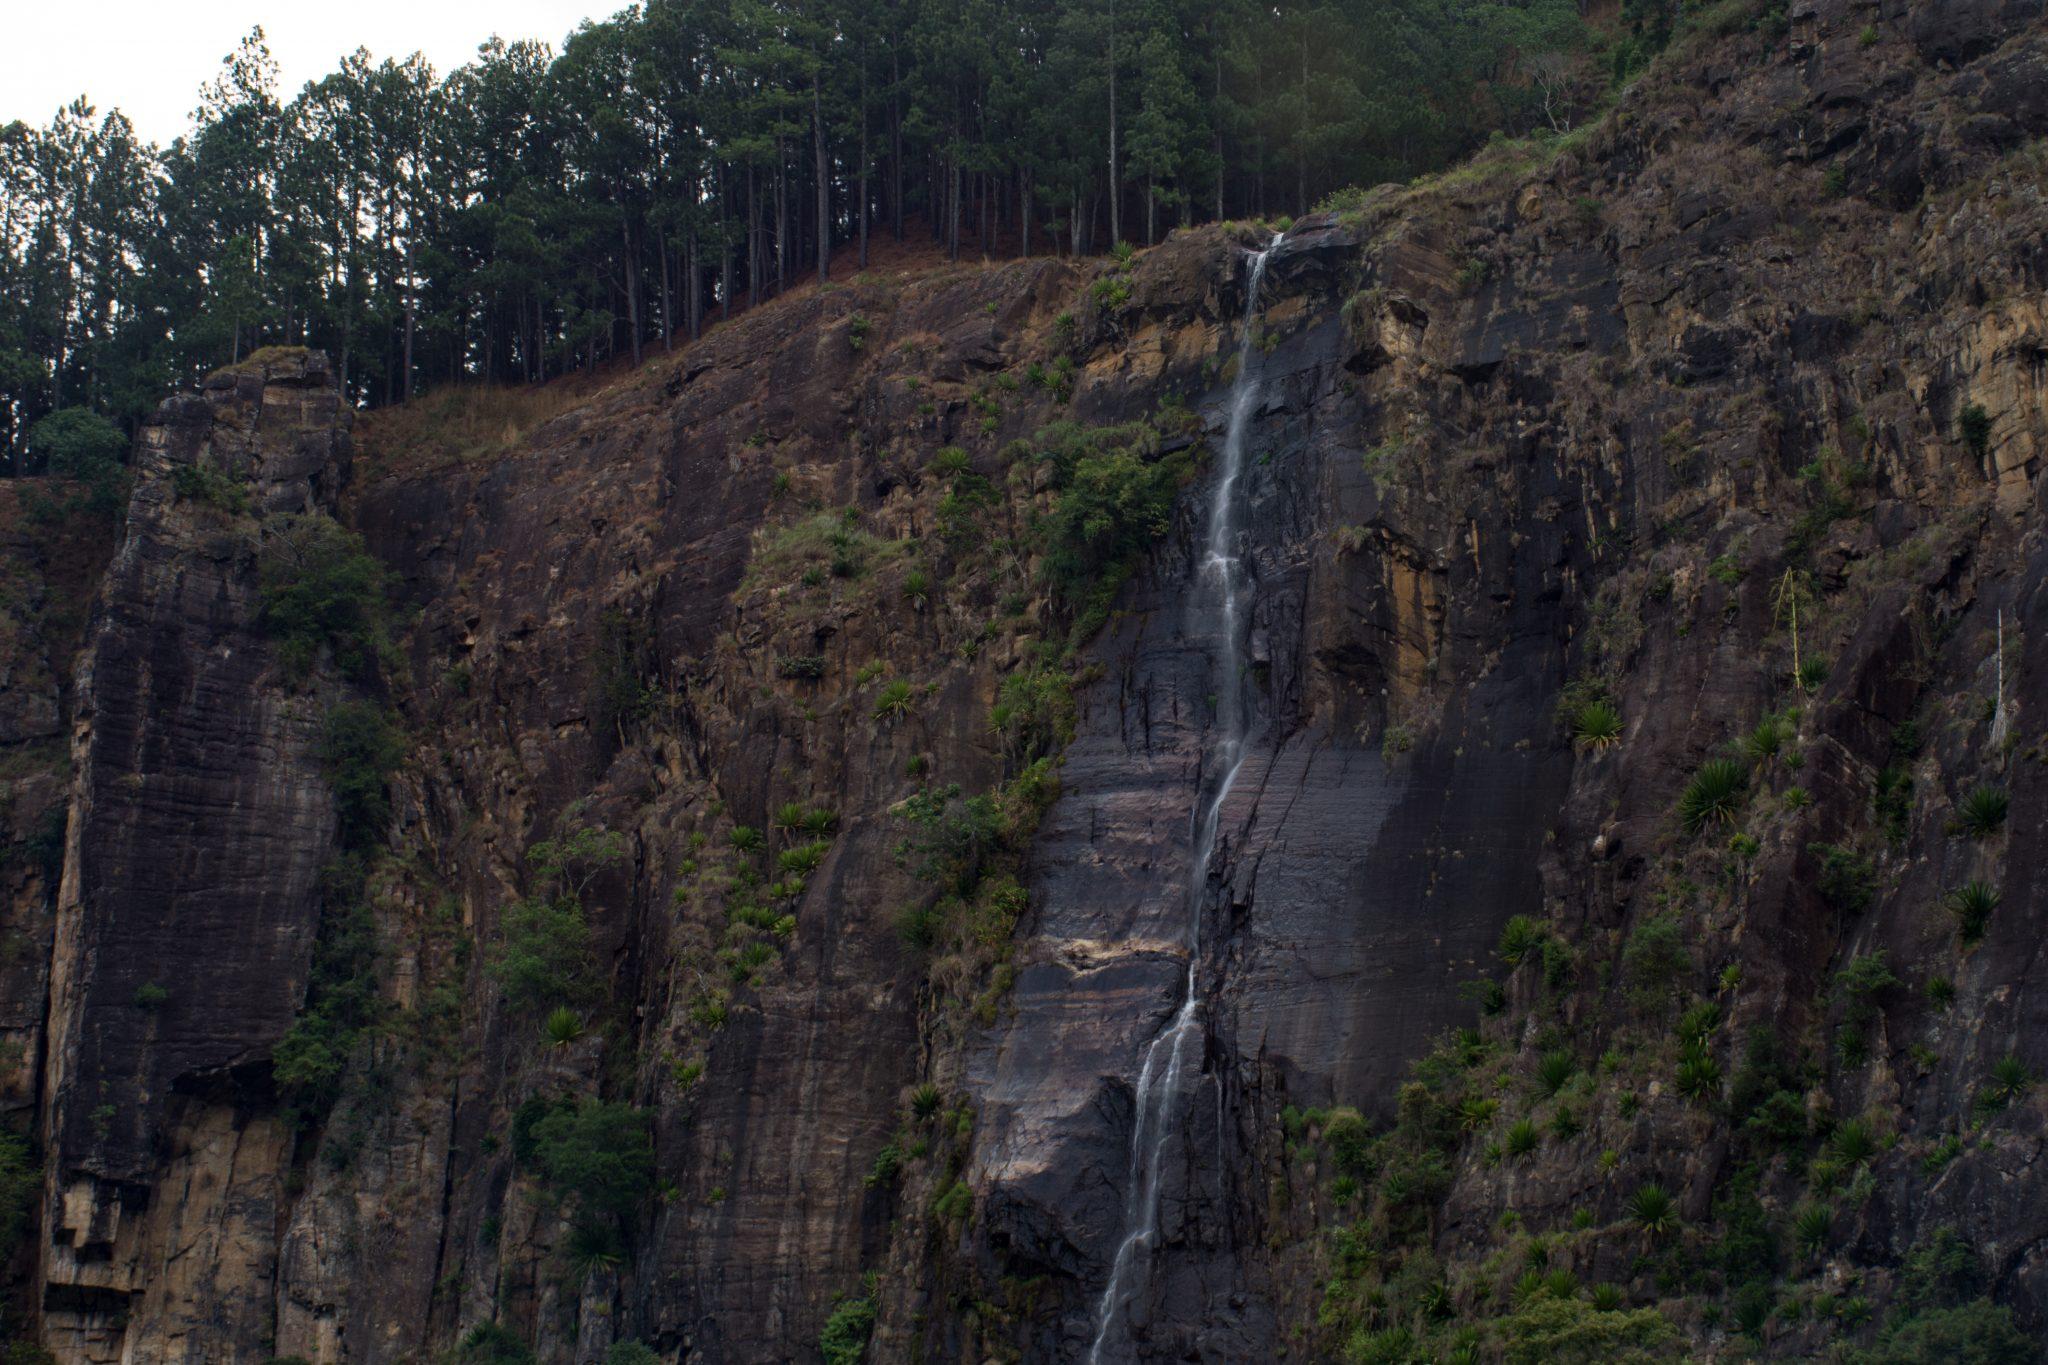 View of Bambarakanda Falls from road